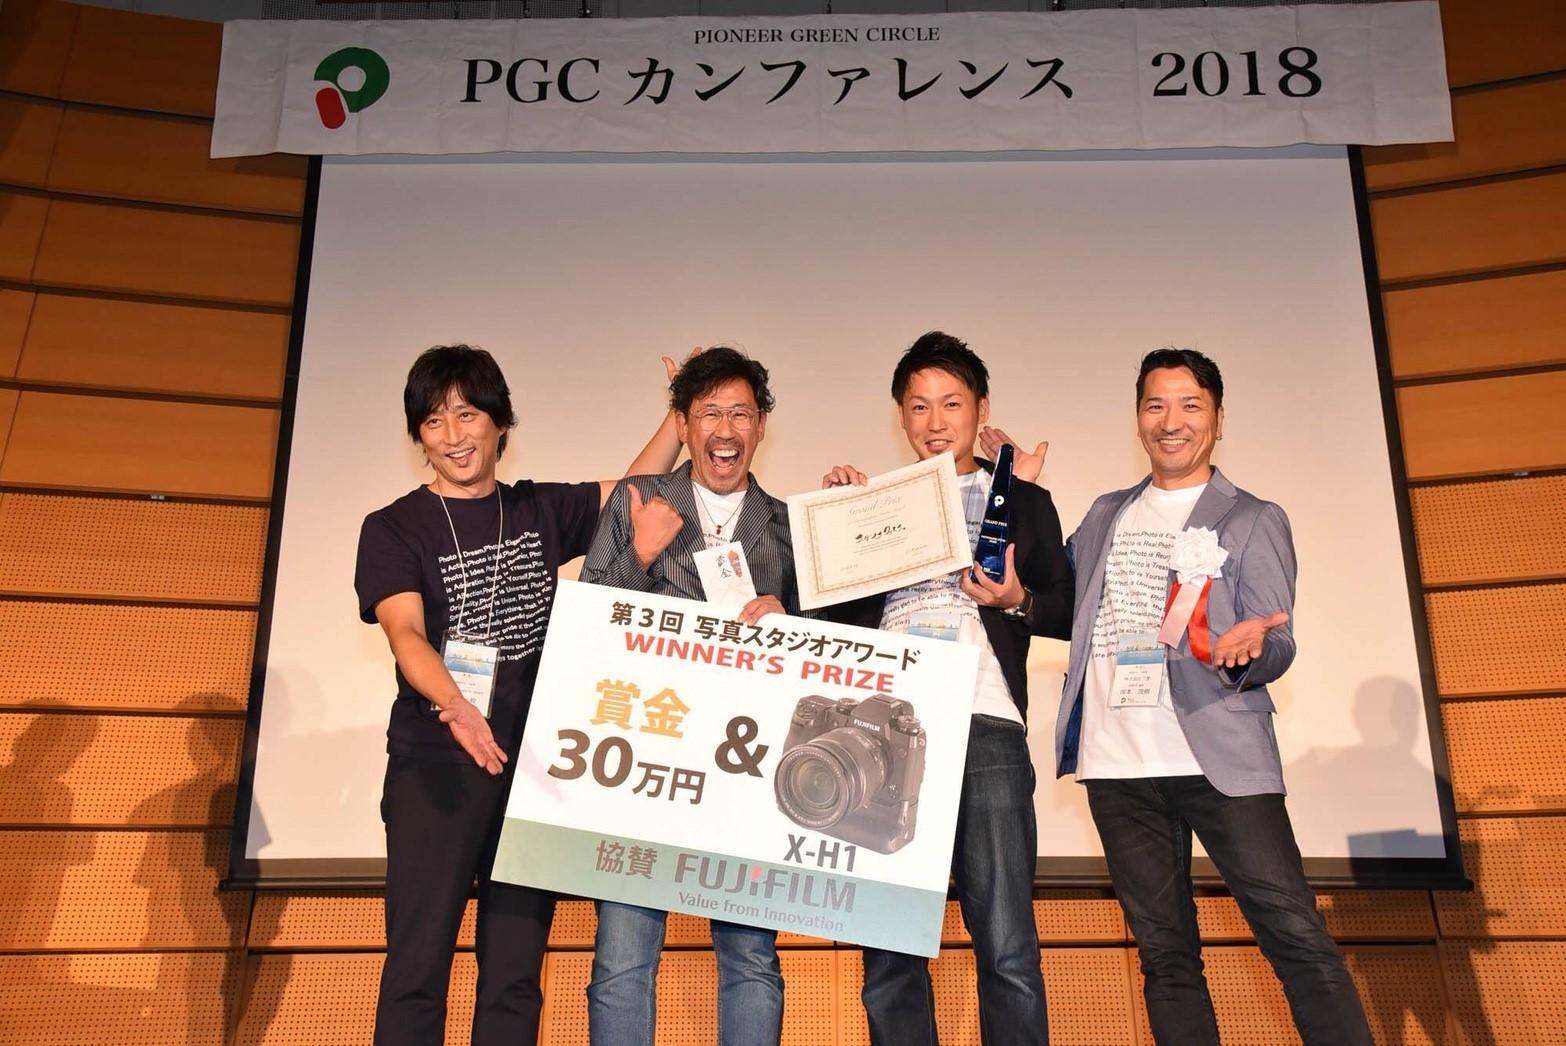 第4回写真スタジオアワード&村尾隆介氏「スタジオと個人を磨くブランド戦略」講演